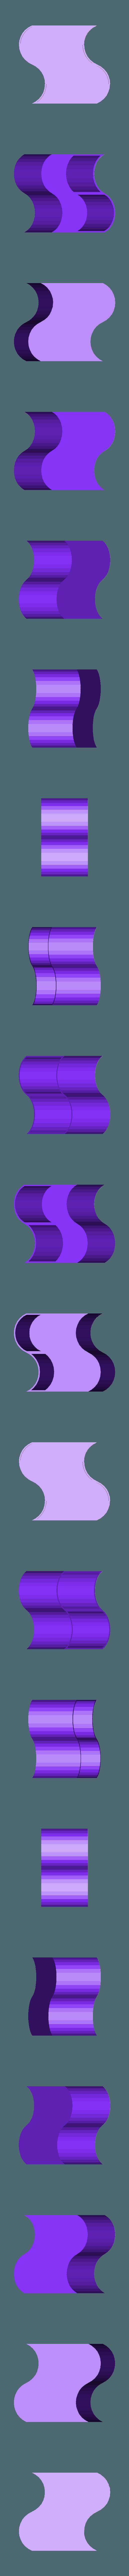 armoir concour structure grand.stl Télécharger fichier STL meuble surf sur la vague (grand taille) • Modèle pour imprimante 3D, YOHAN_3D